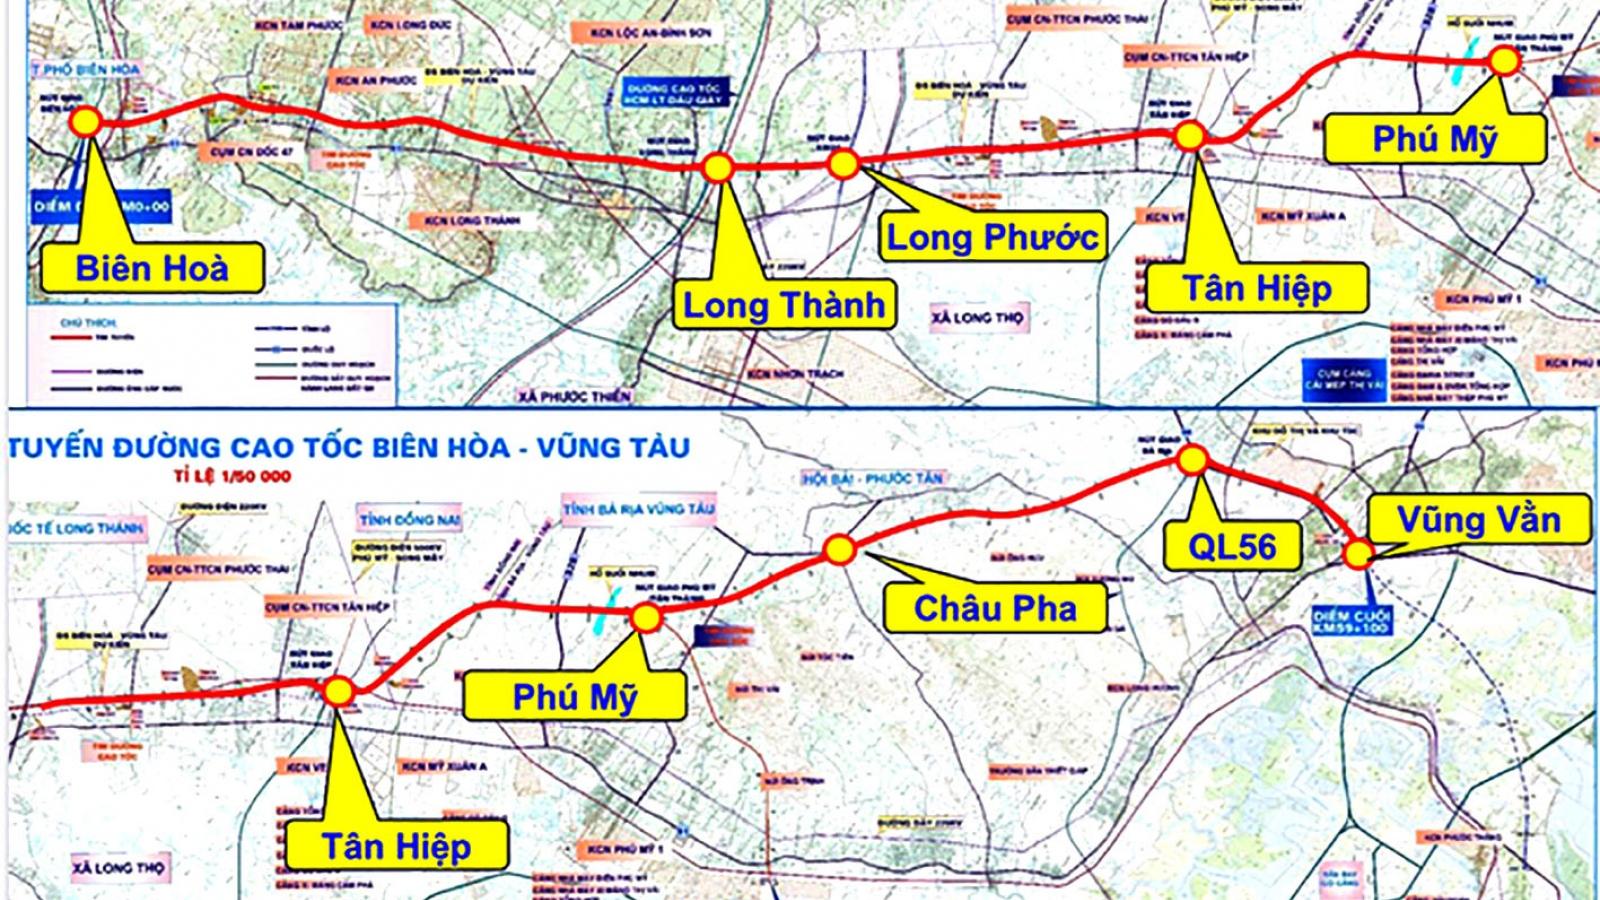 Phó Thủ tướng yêu cầu rà soát nội dung Dự án cao tốc Biên Hòa - Vũng Tàu